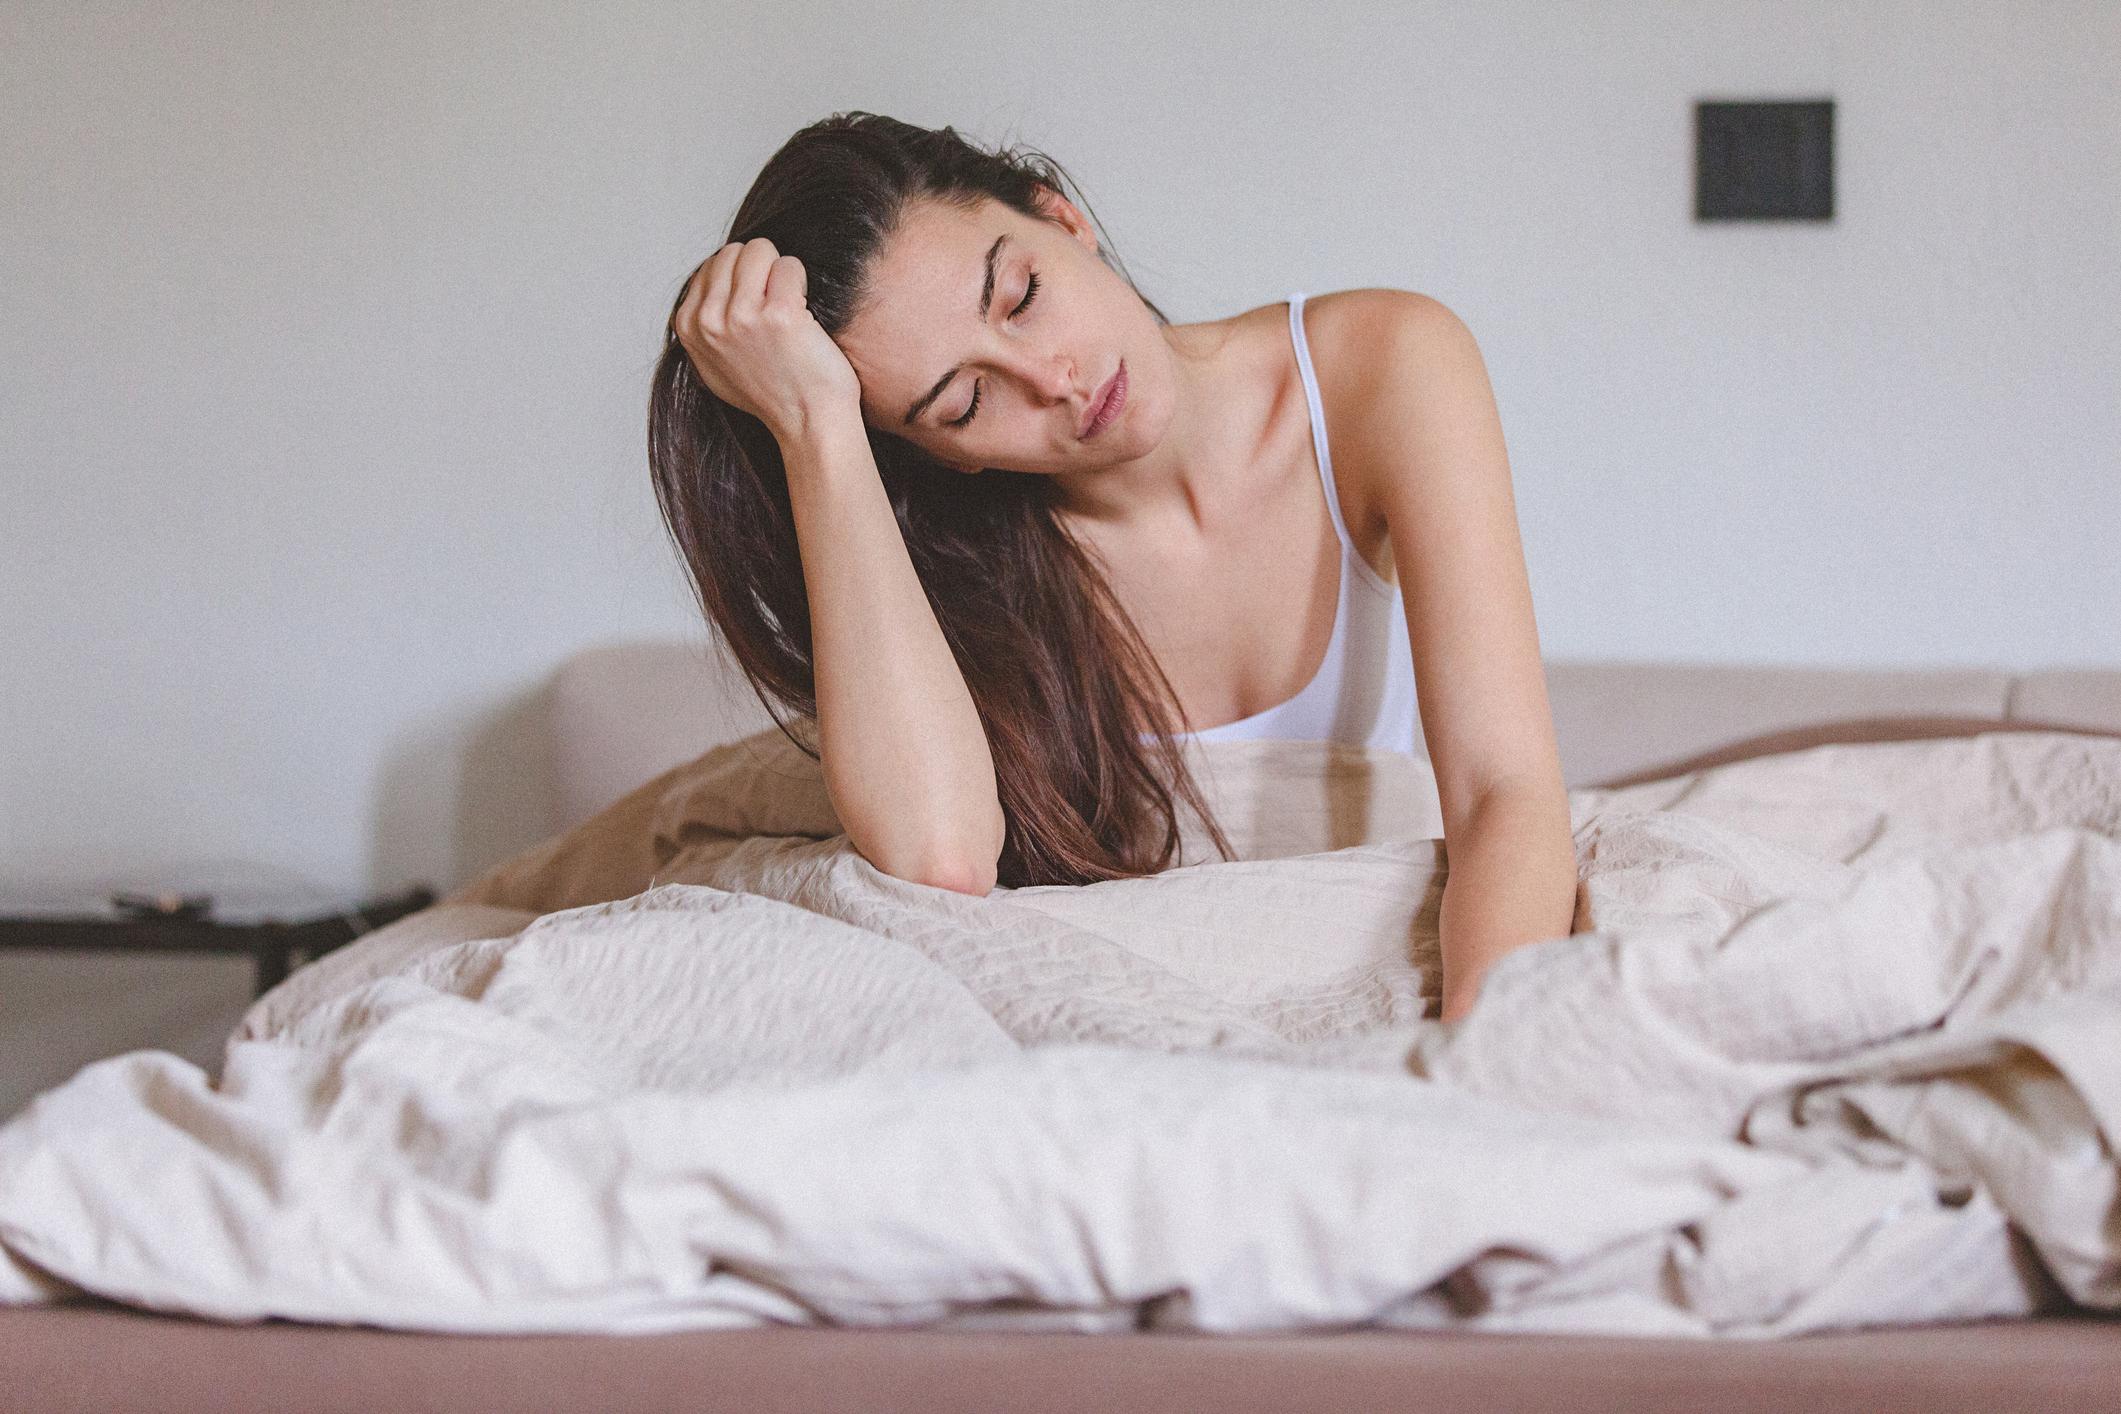 Dovoljno sati sna vrlo je važno za zdravlje i funkcioniranje cijelog organizma.